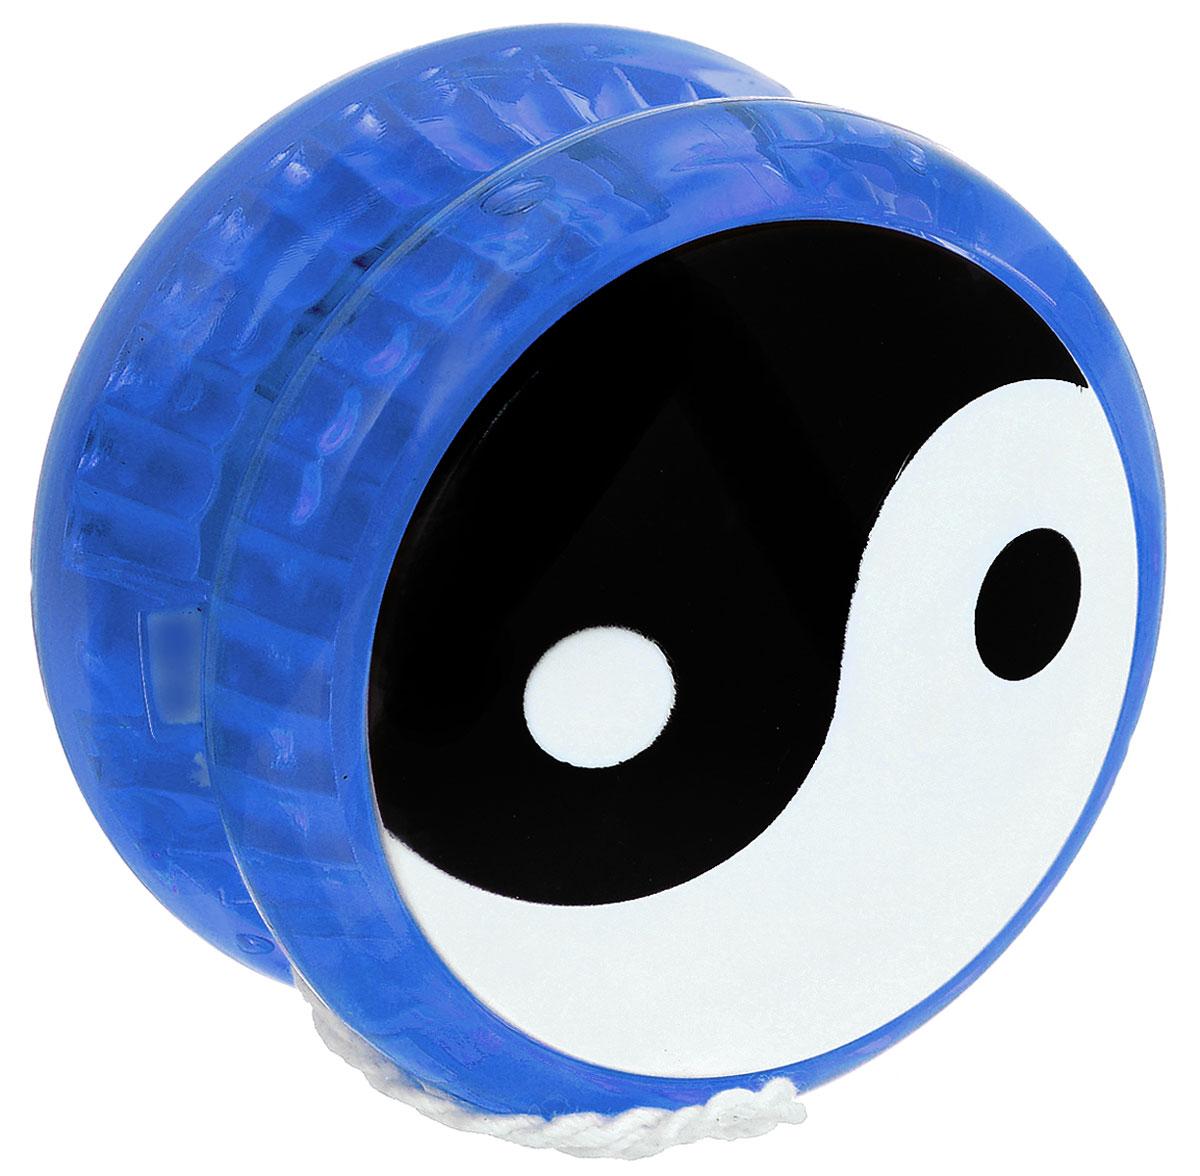 Эврика Йо-йо Инь-Ян цвет синий91012_синийЙо-йо Эврика Инь-Ян - это не только интересная игрушка, но еще и полезное занятие, способное развить координацию движений, ловкость и внимательность. Подобная игрушка придется по душе как детям, так и взрослым - ведь, несмотря на свои небольшие размеры и легкость, с ее помощью можно провести время с пользой для моторики и без каких-либо лишних трат. Удобная форма и небольшой диаметр игрушки превосходно подойдет для игр на свежем воздухе. Йо-йо - это простой способ порадовать малыша и повеселиться самому. Йо-йо - это игрушка, состоящая из двух симметричных половинок соединенных осью, к которой прикреплена веревка. Современный йо-йо значительно отличается от тех, к которым многие привыкли. Сейчас йо-йо - это такая же часть молодежной культуры как скейт, ВМХ или сноуборд. Йо-йо популярно во многих странах мира, таких как Россия, США и Япония. Ежегодно во всем мире проходят различные чемпионаты по игре с йо-йо, в том числе и Чемпионат России, в котором собираются...